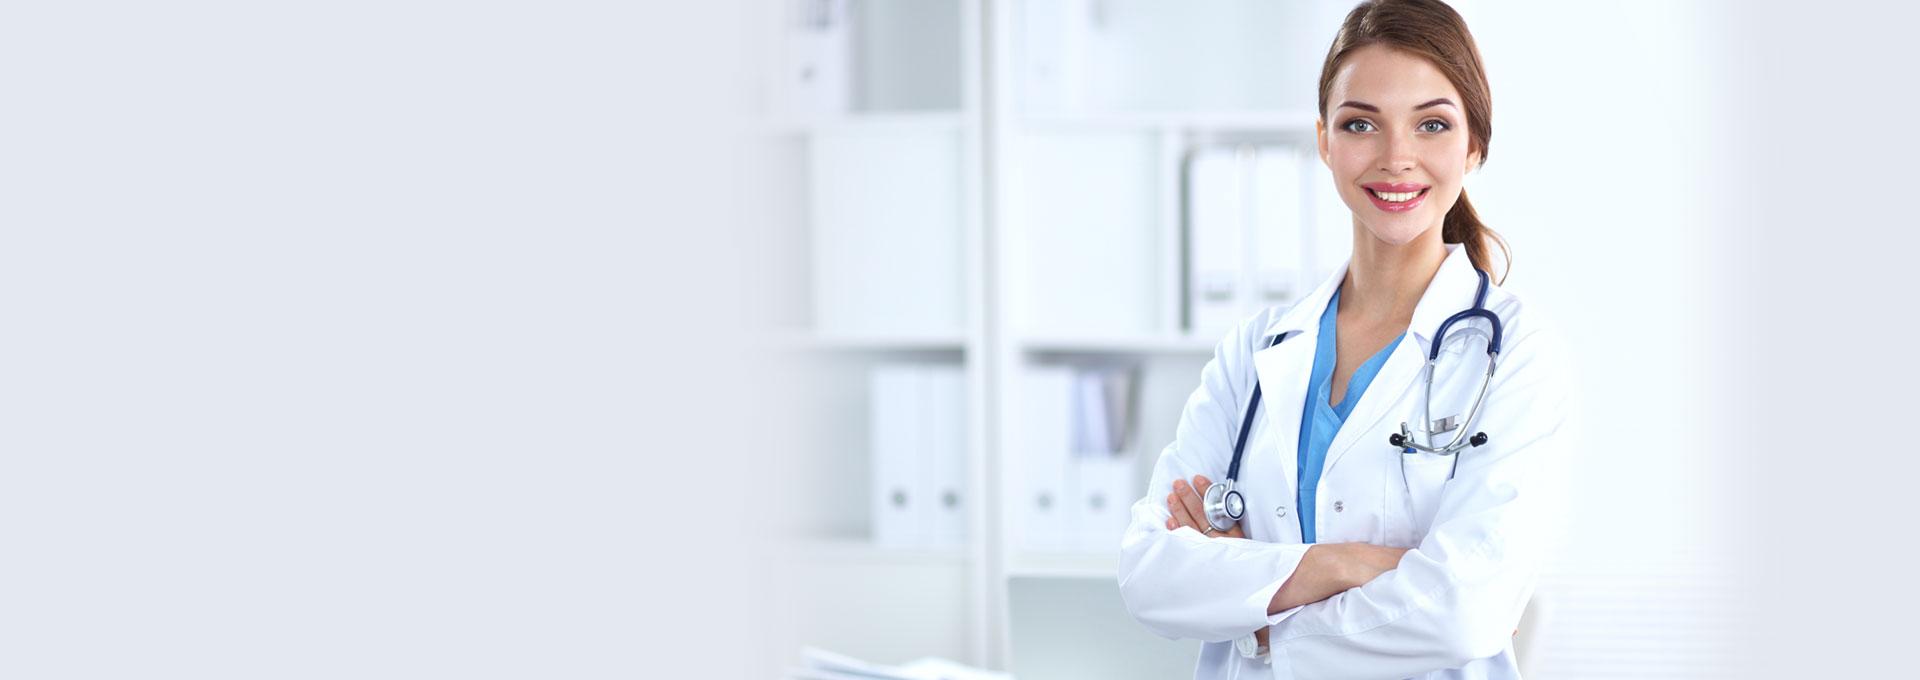 Skilled Doctors